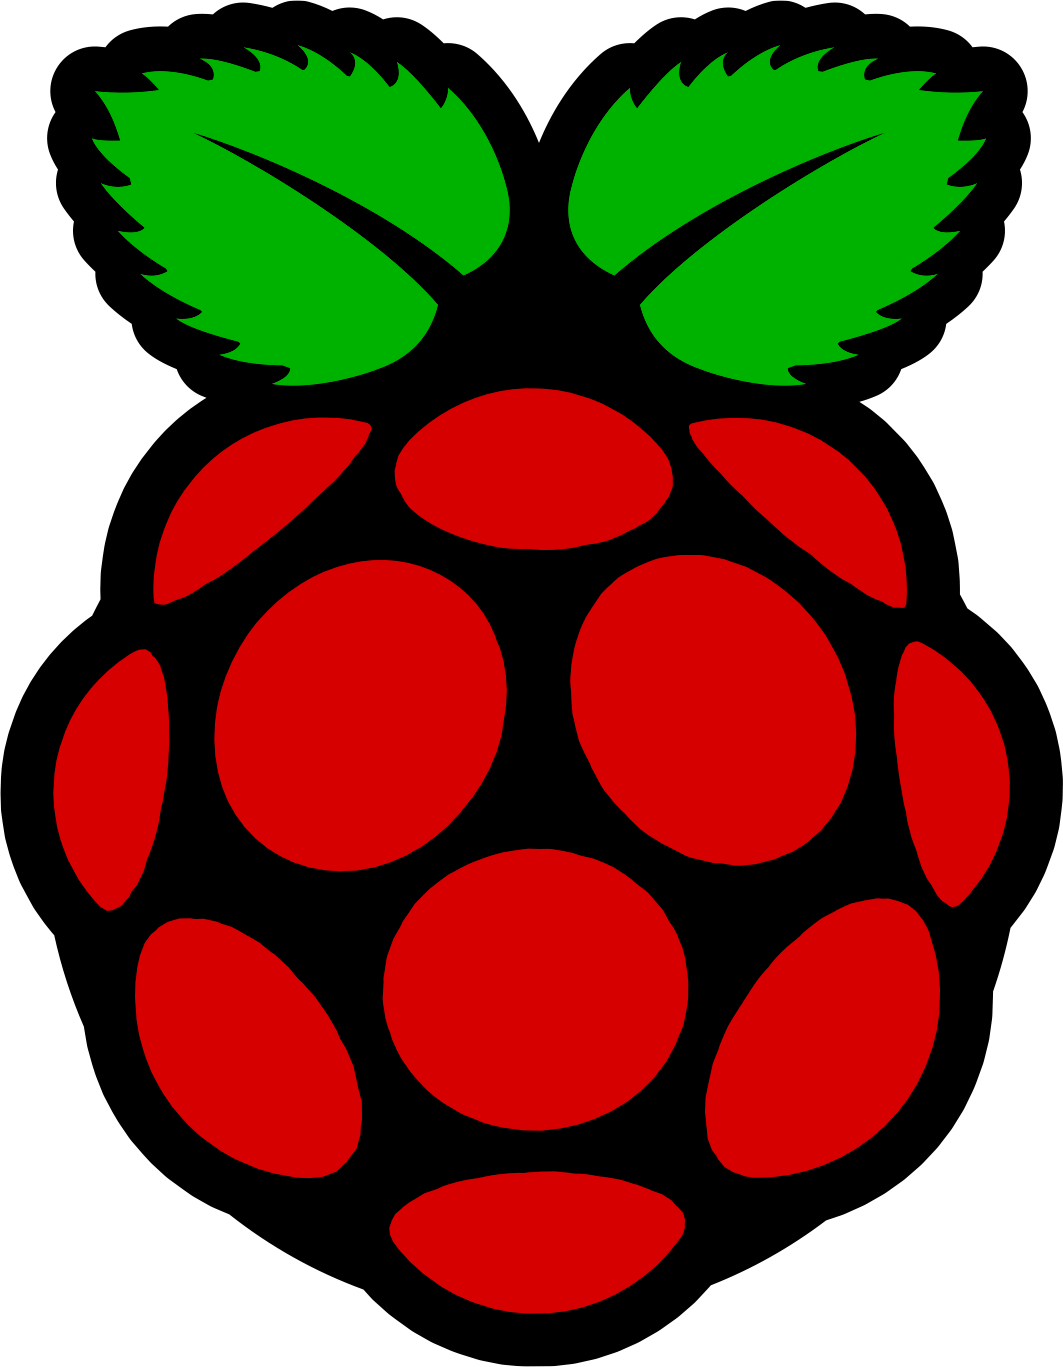 Source raspberrypi.org